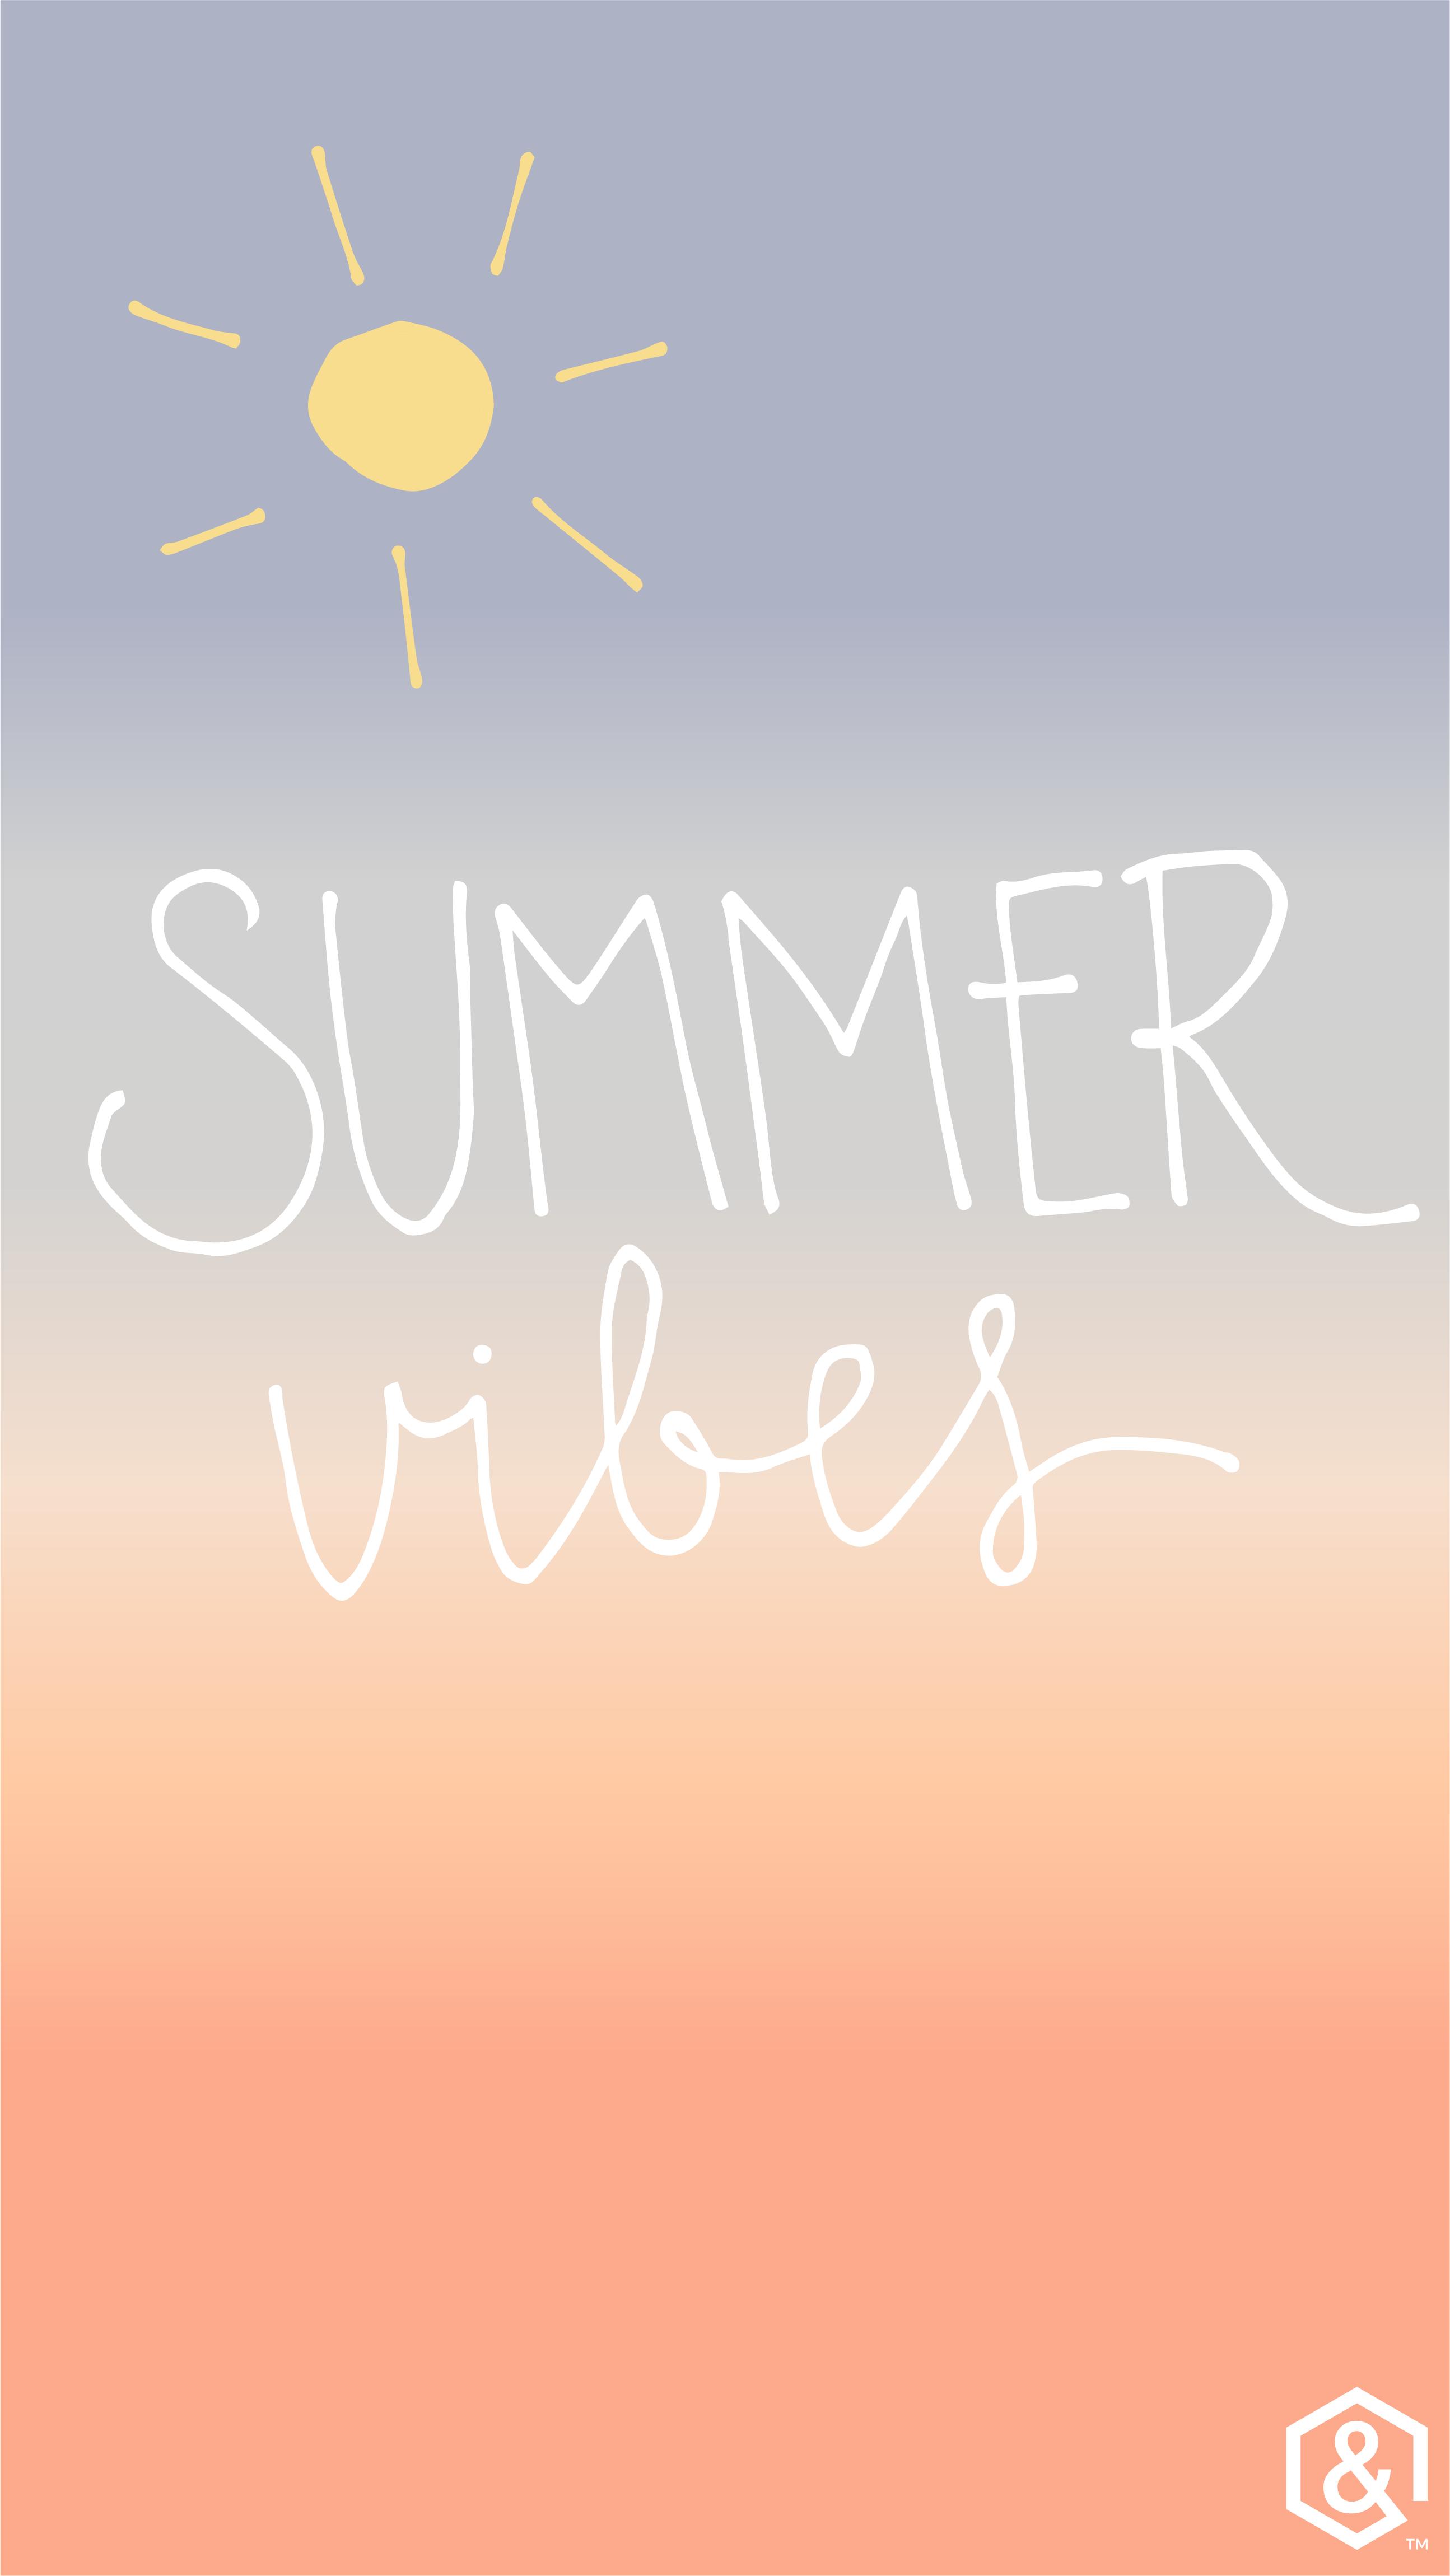 Summer Phone Wallpaper Cute Wallpaper For Phone Phone Wallpaper Summer Vibes